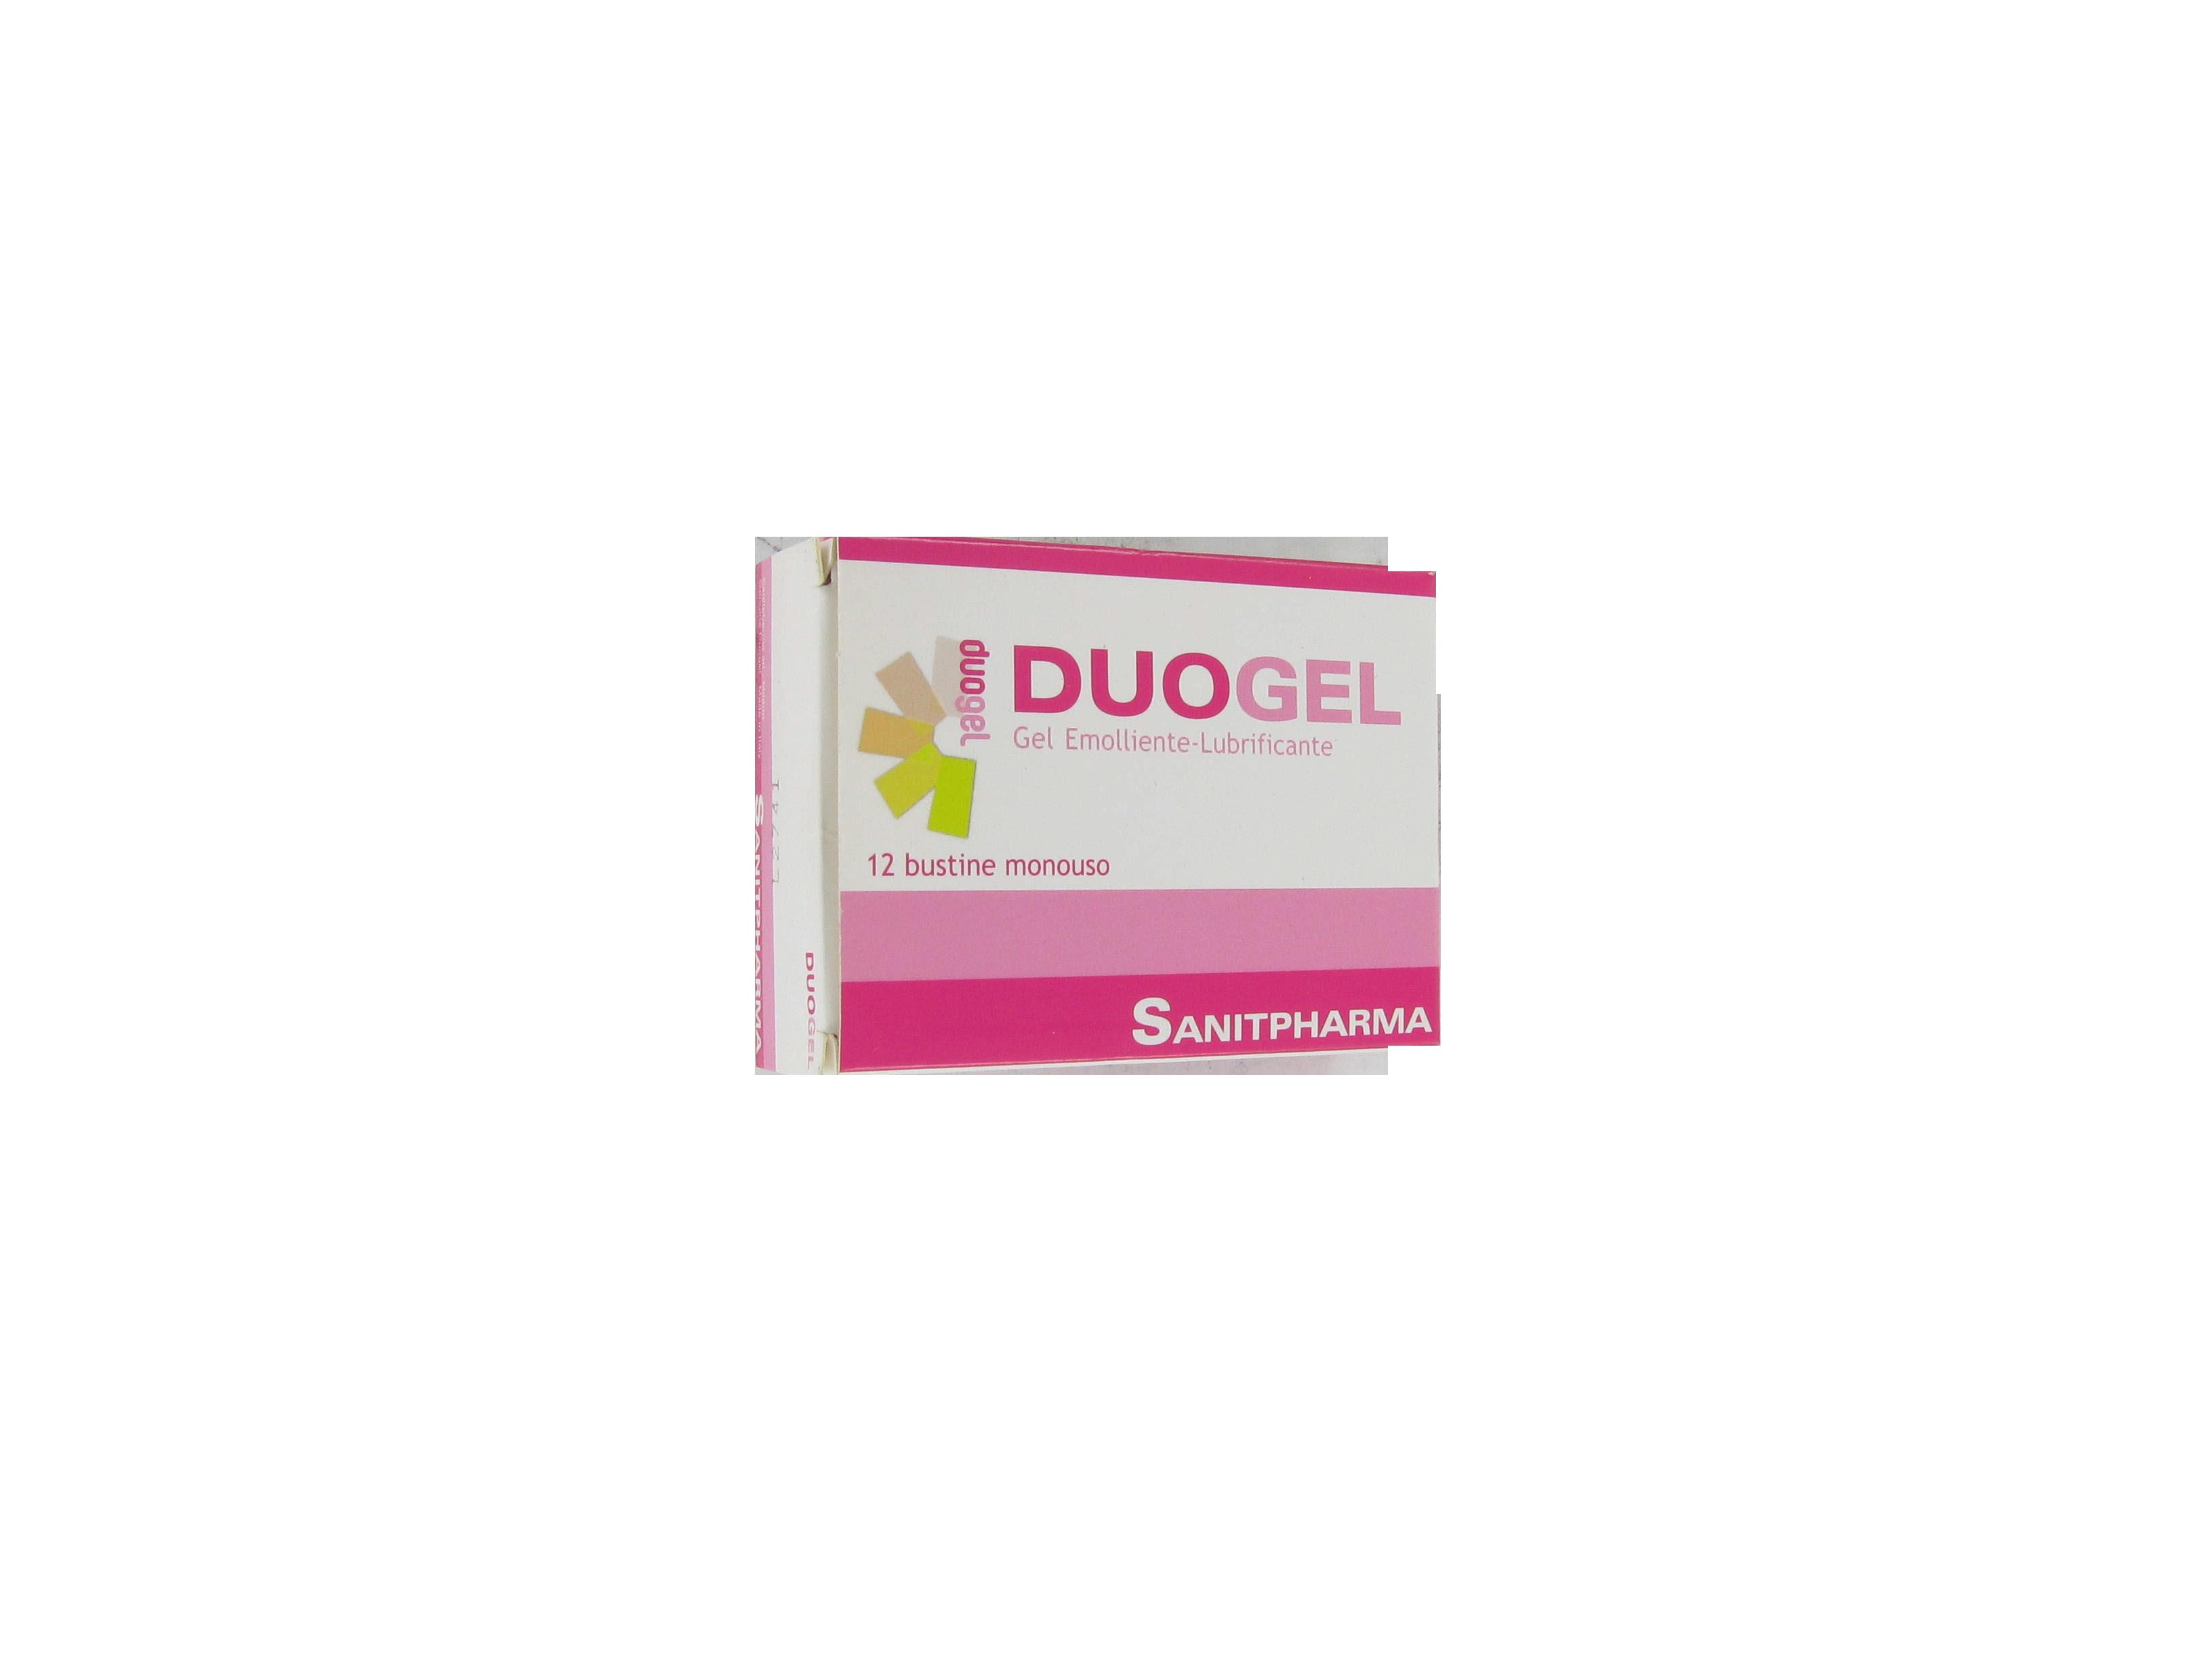 duogel gel intimo emolliente, lubrificante e deodorante adatto ad un uso quotidiano per le zone